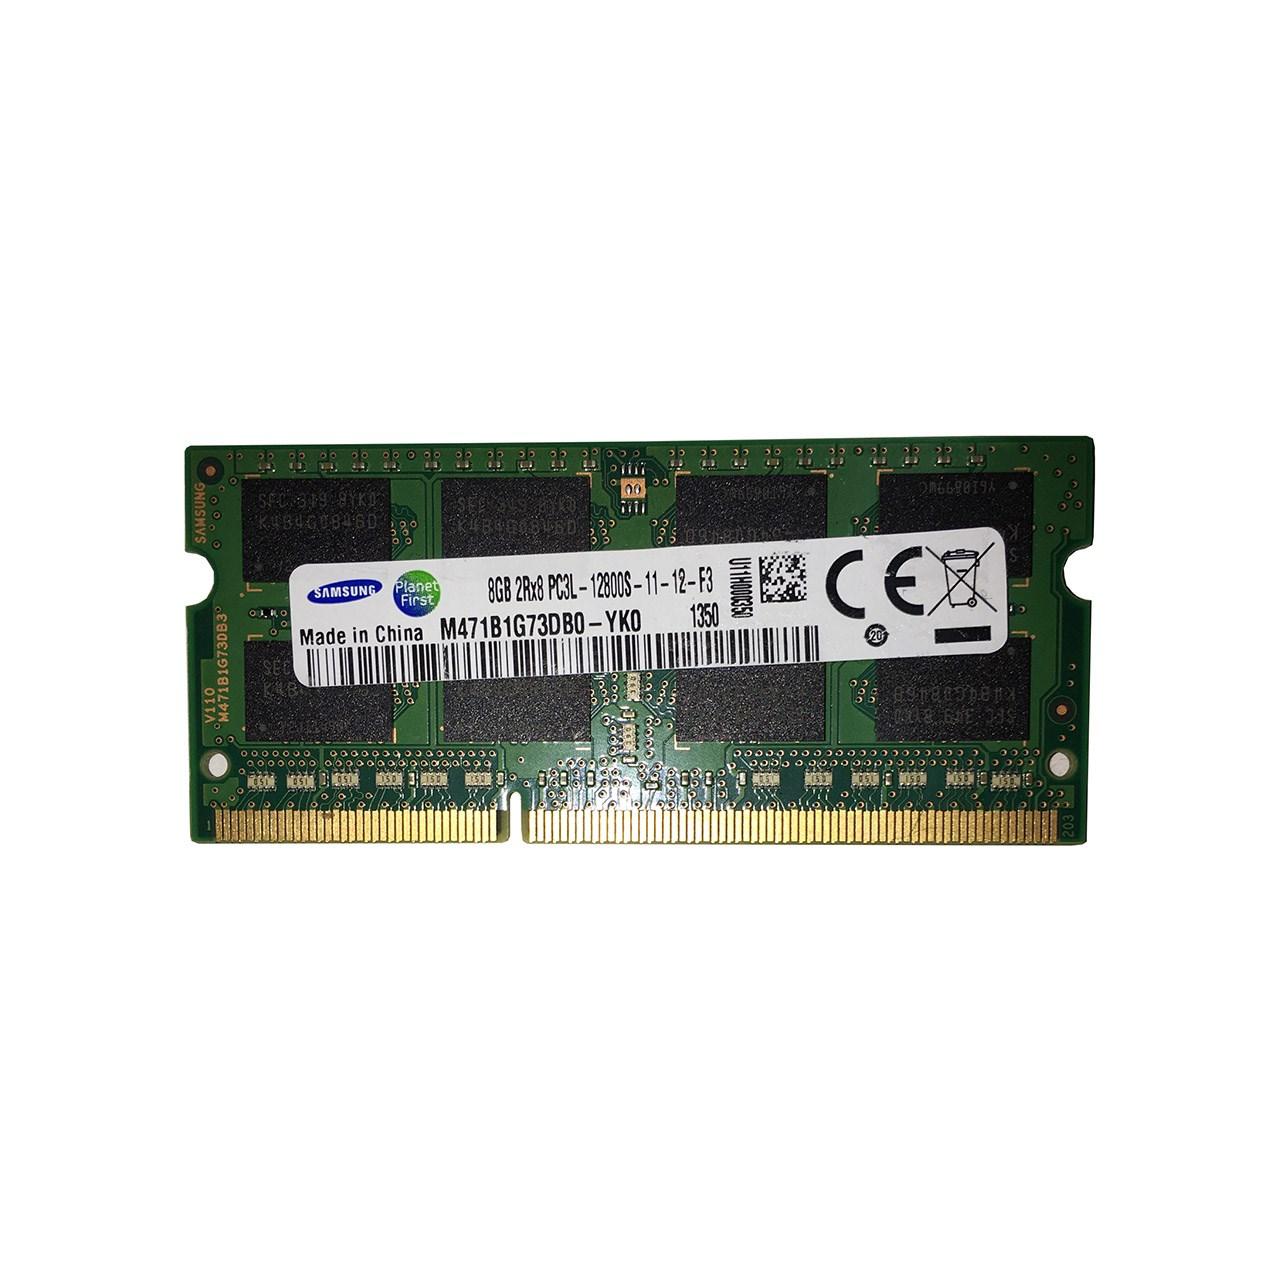 بررسی و {خرید با تخفیف} رم لپ تاپ سامسونگ مدل DDR3 12800s MHz PC3L ظرفیت 8 گیگابایت اصل